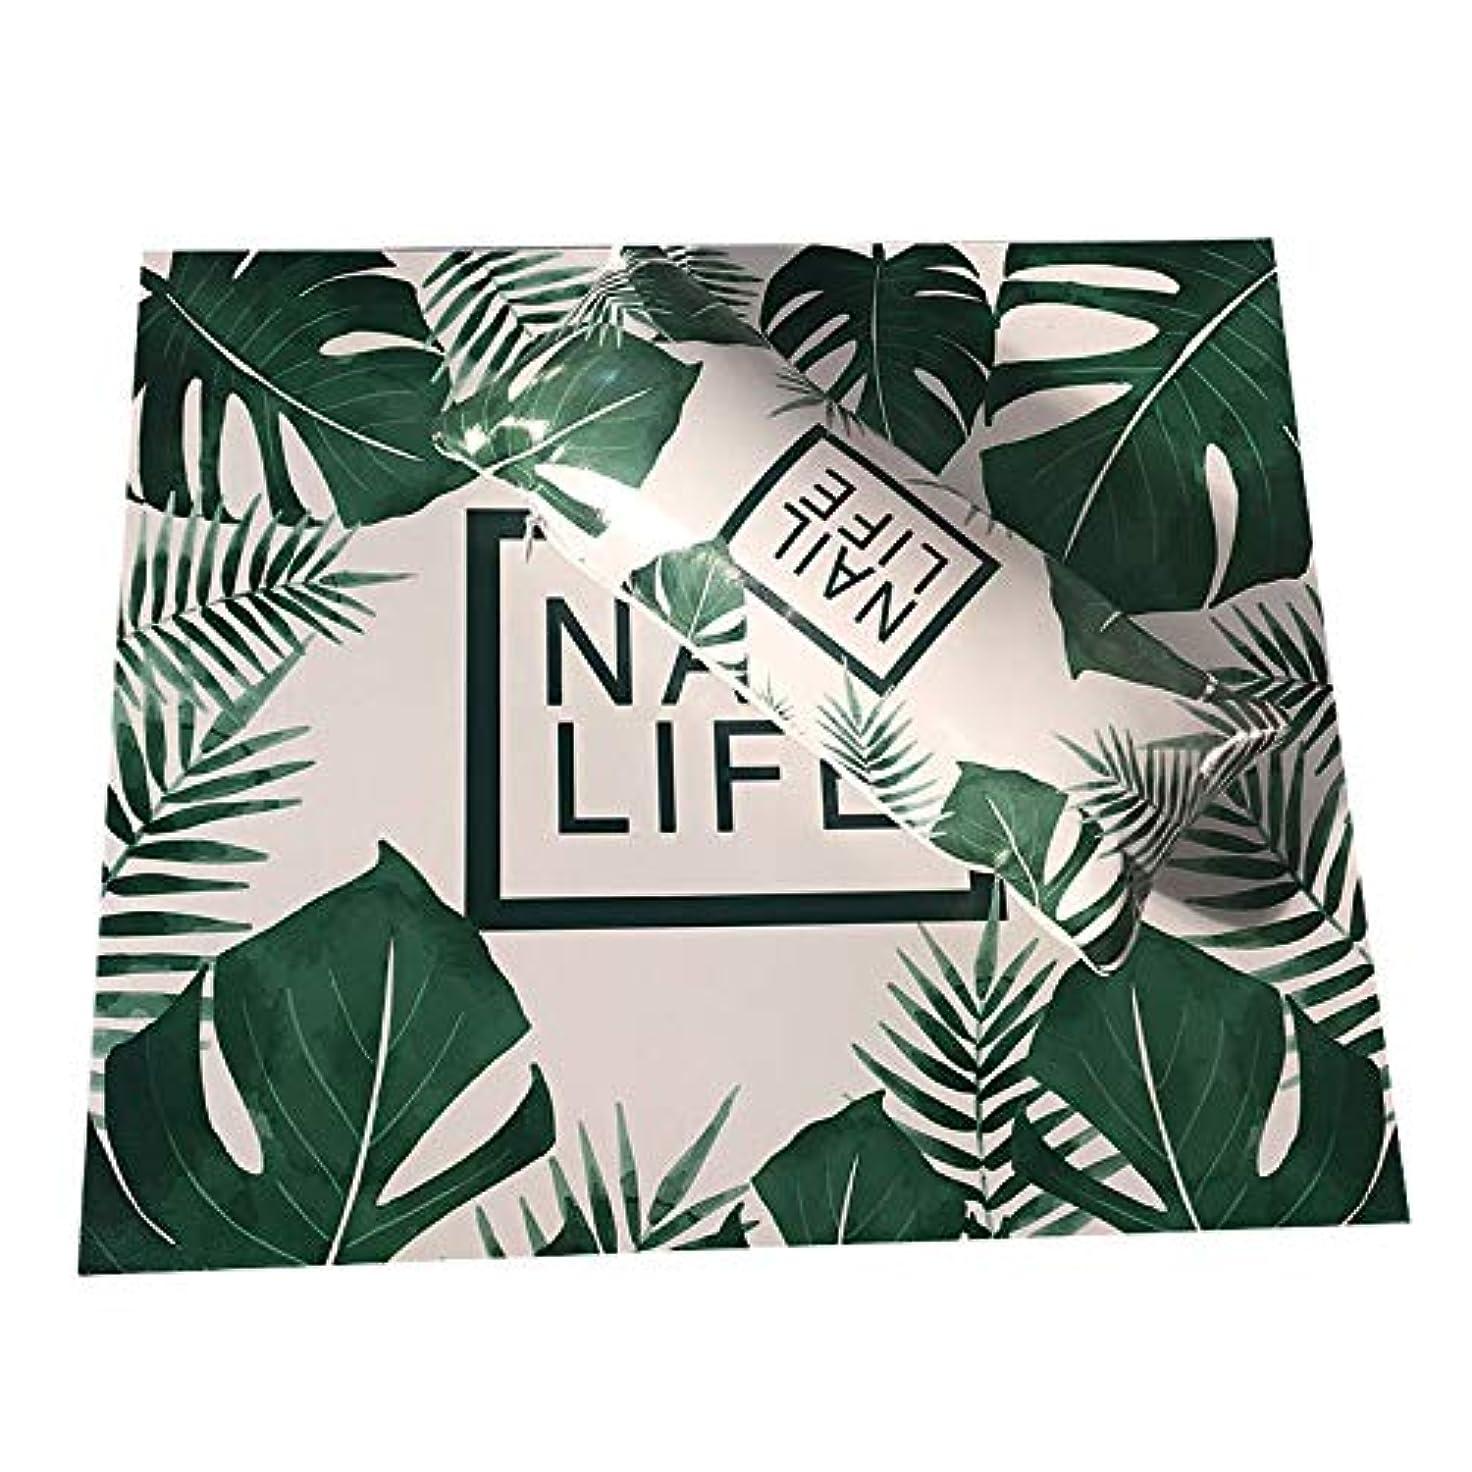 忠誠サイトラインレンジCUHAWUDBA ネイルアート用手枕のクッション、ネイルポリッシュのホルダー、ソフト、Puレザー、スポンジのアームレスト、ストライプのデザイン、サロンのマニキュア(植物#)